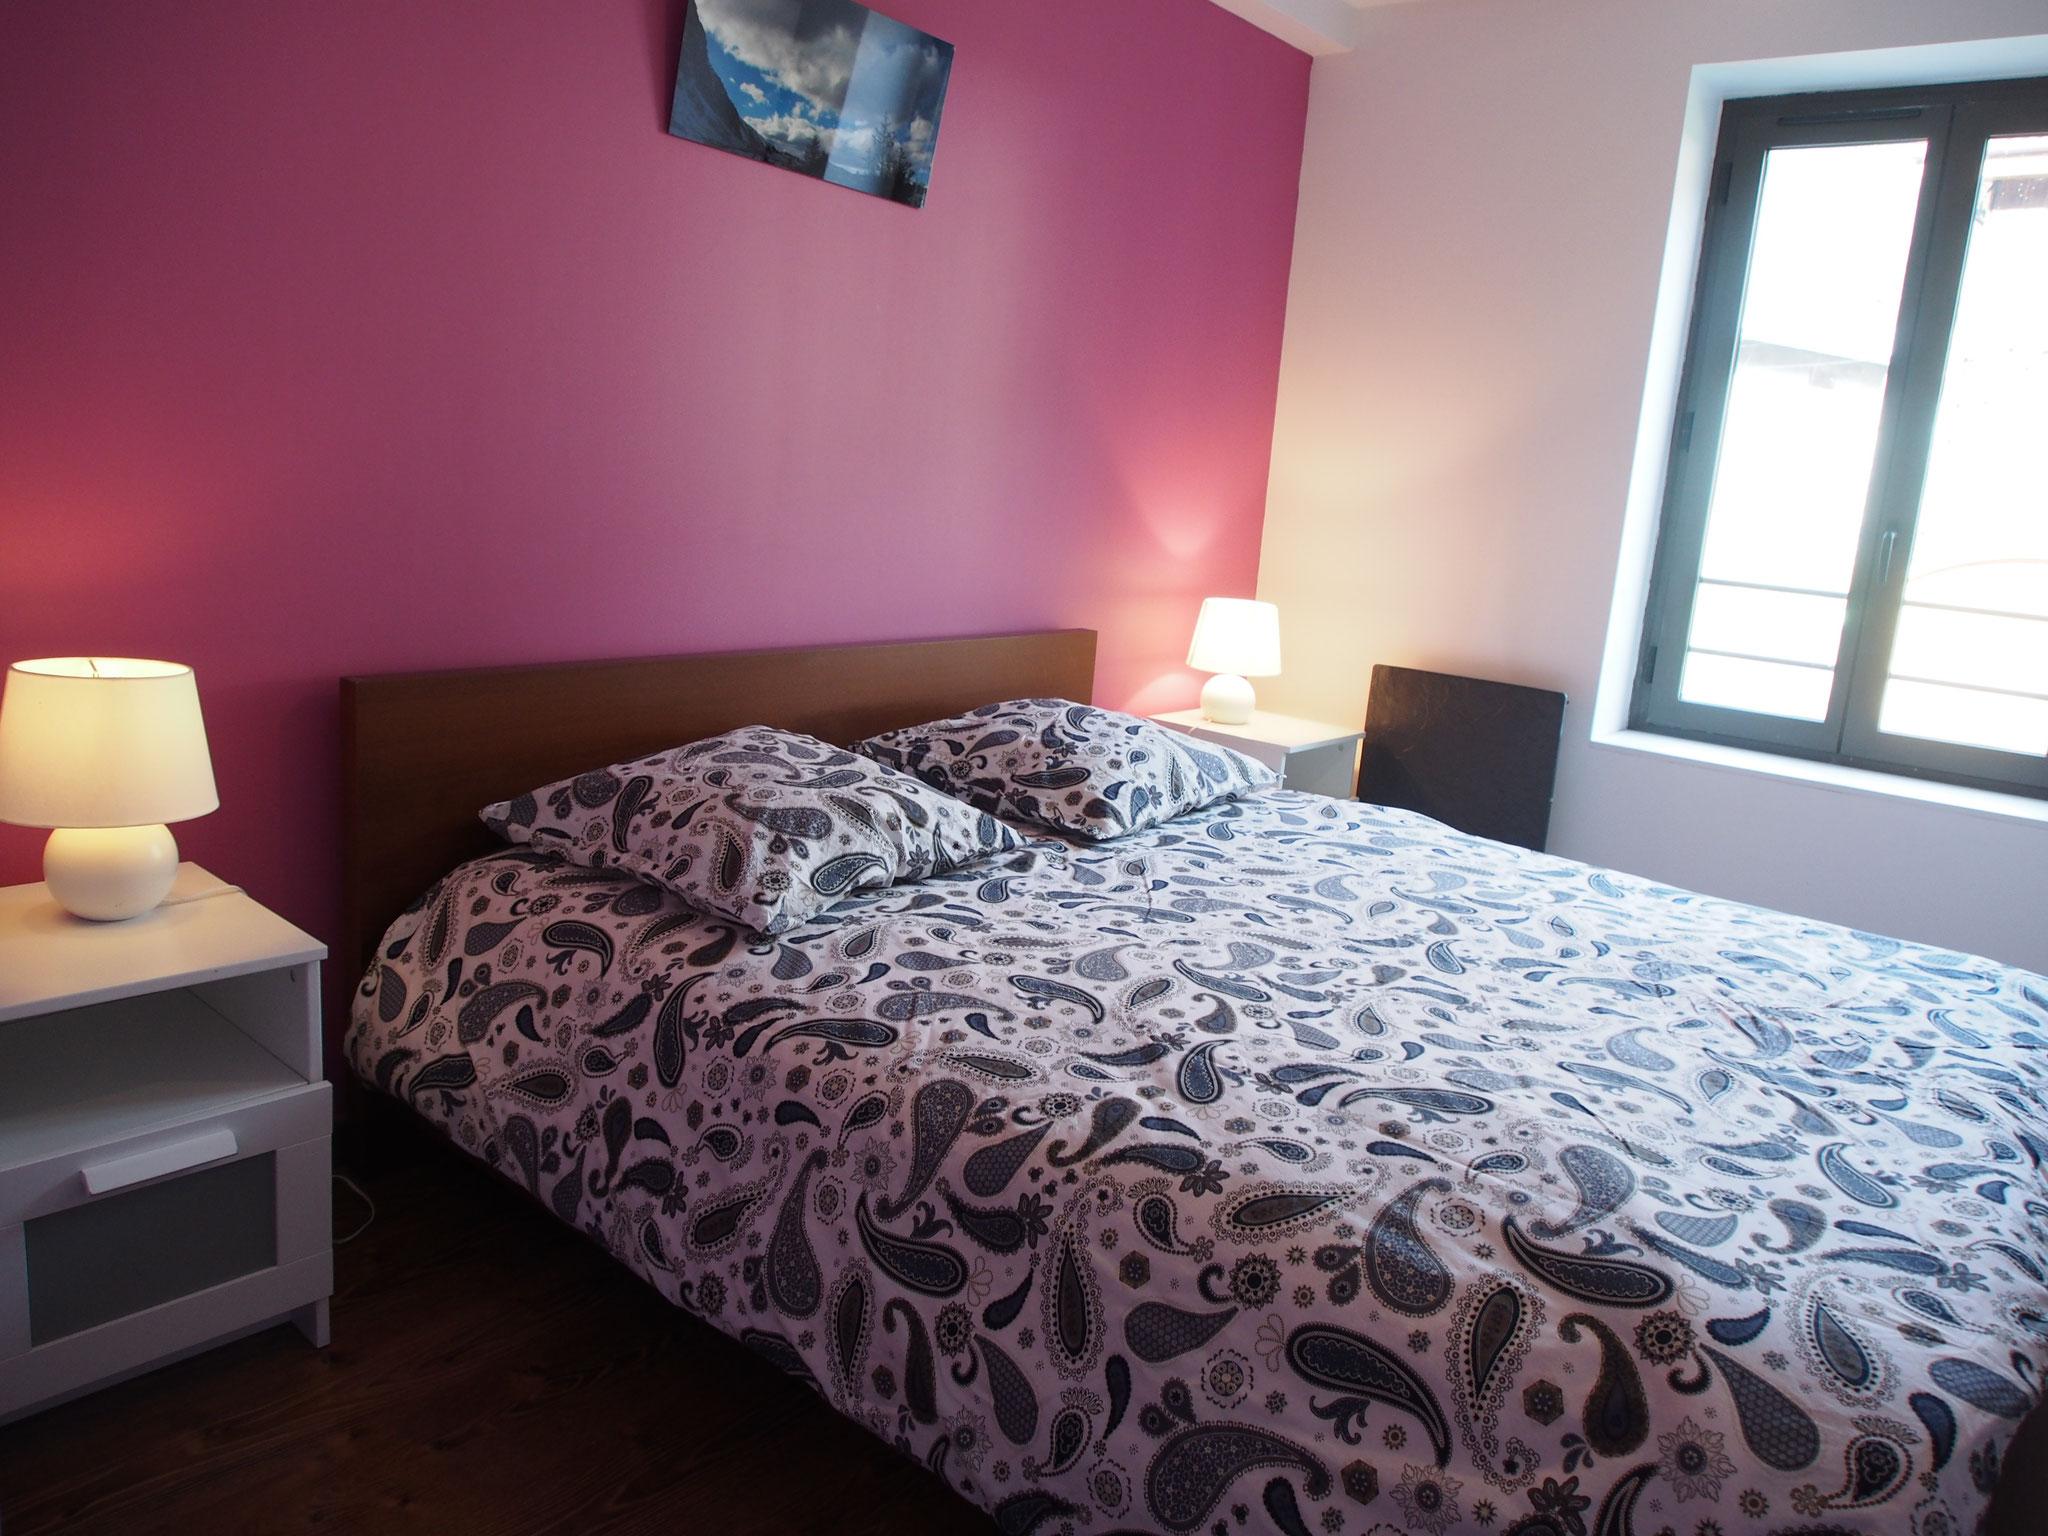 chambre mauve & rose pour deux personnes & grand lit